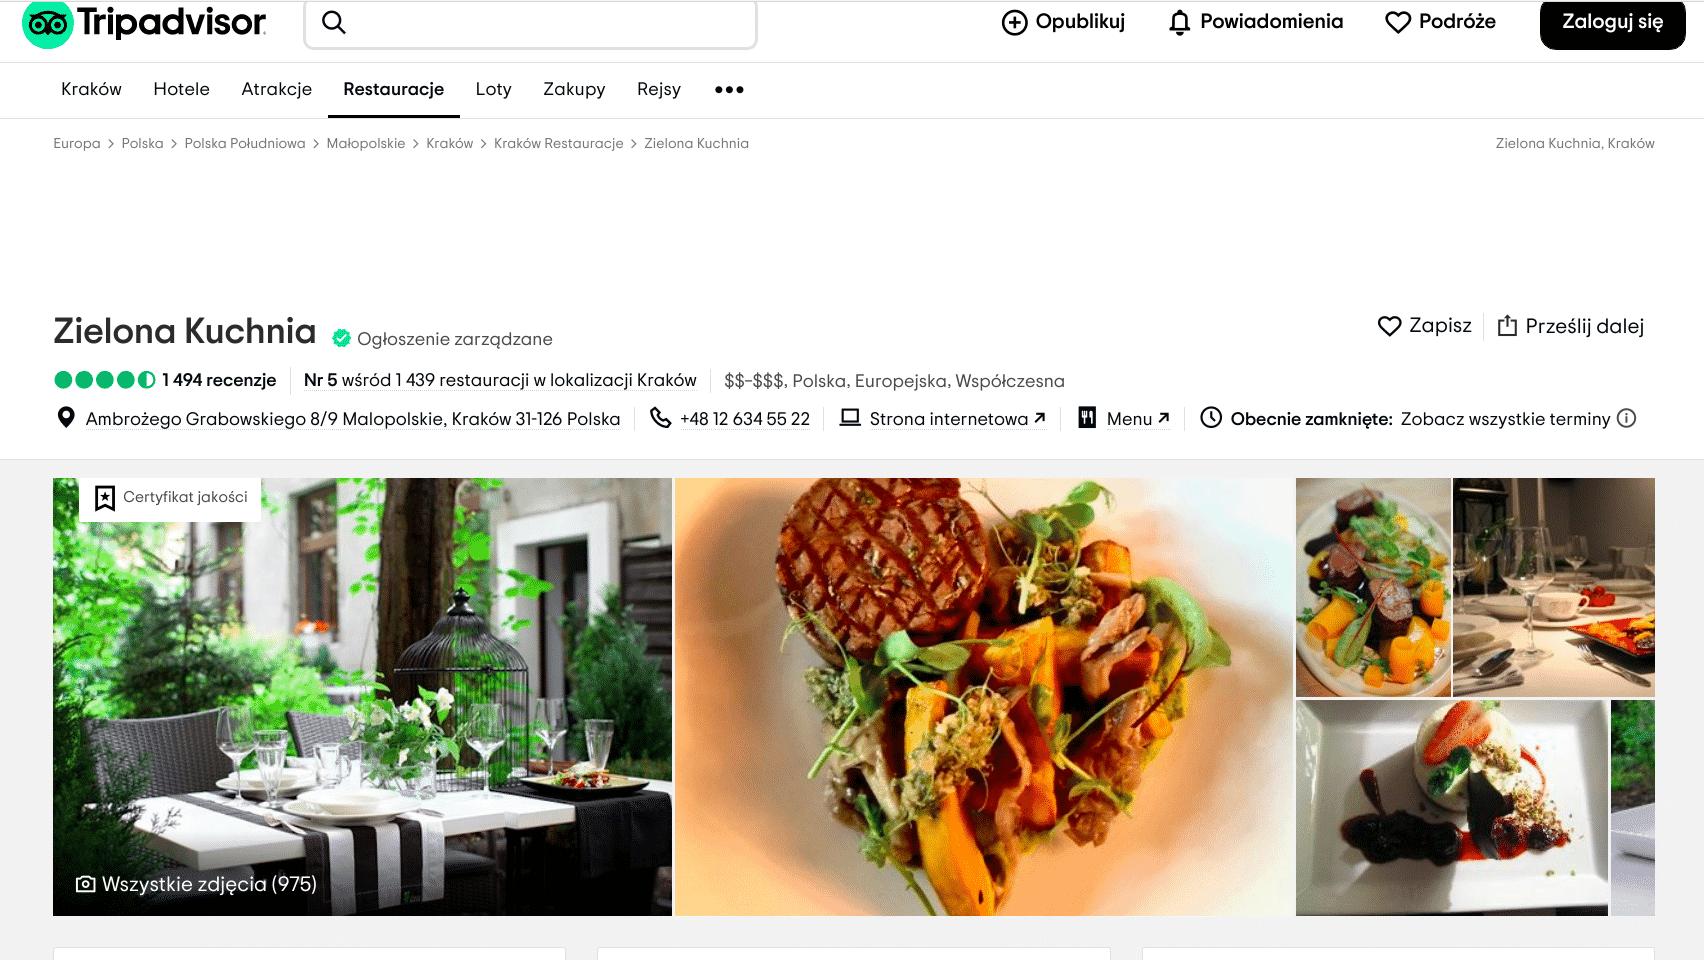 Zielona Kuchnia to lokal znajdujący się przy ulicy Ambrożego Grabowskiego. Turyści zaliczają go do kategorii najlepsze restauracje w Krakowie. 10 najlepszych restauracji w Krakowie.